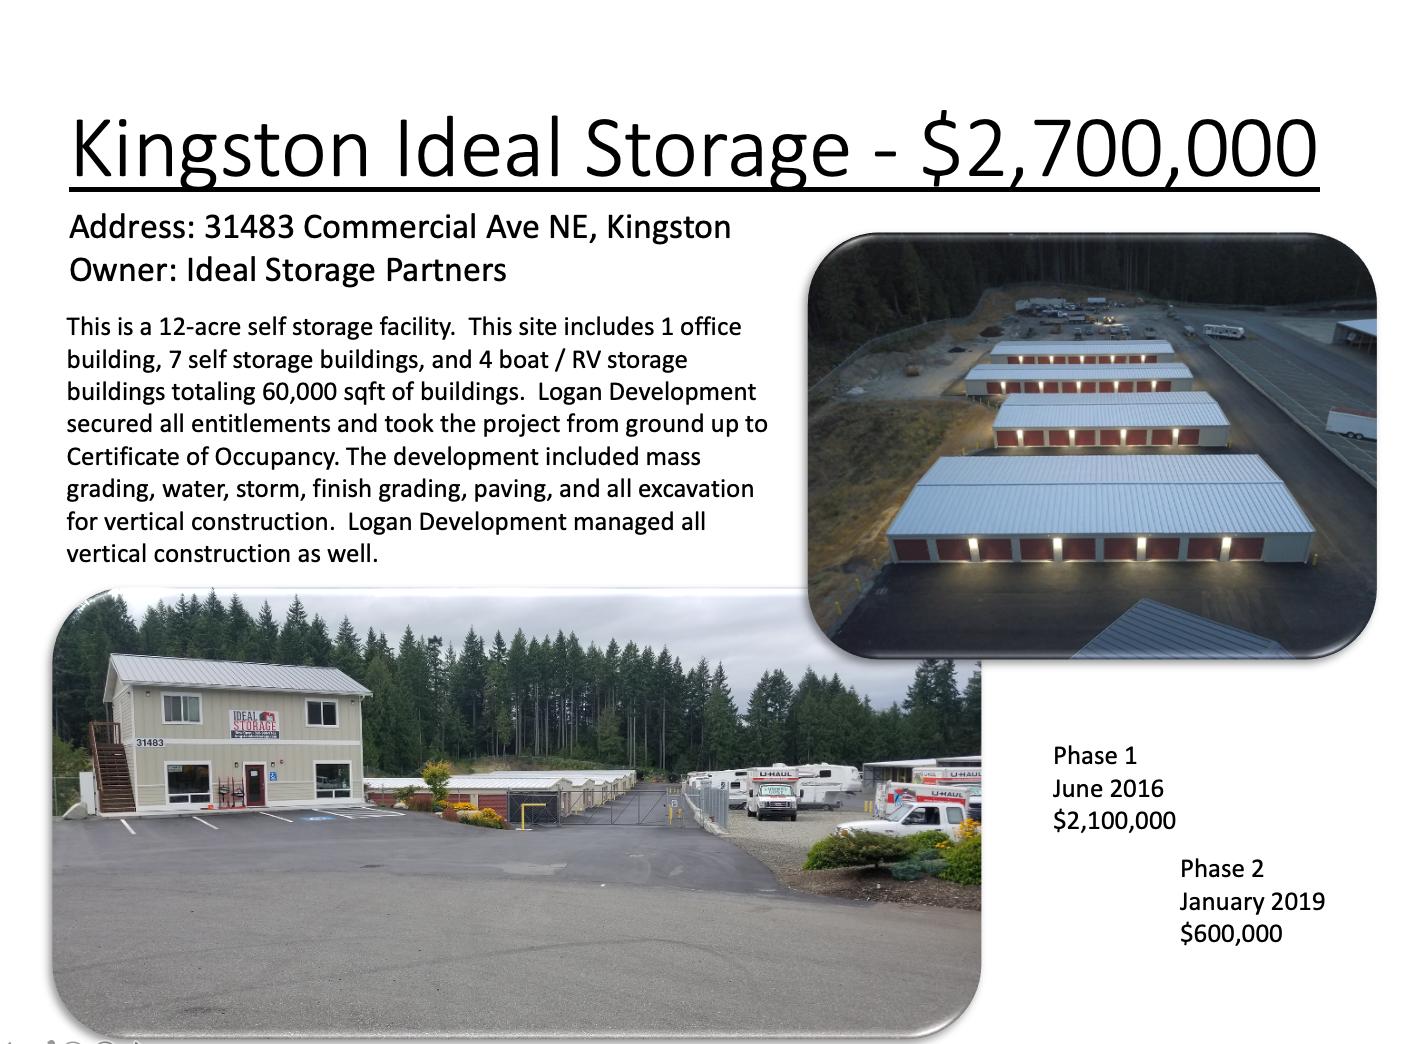 Ideal Storage